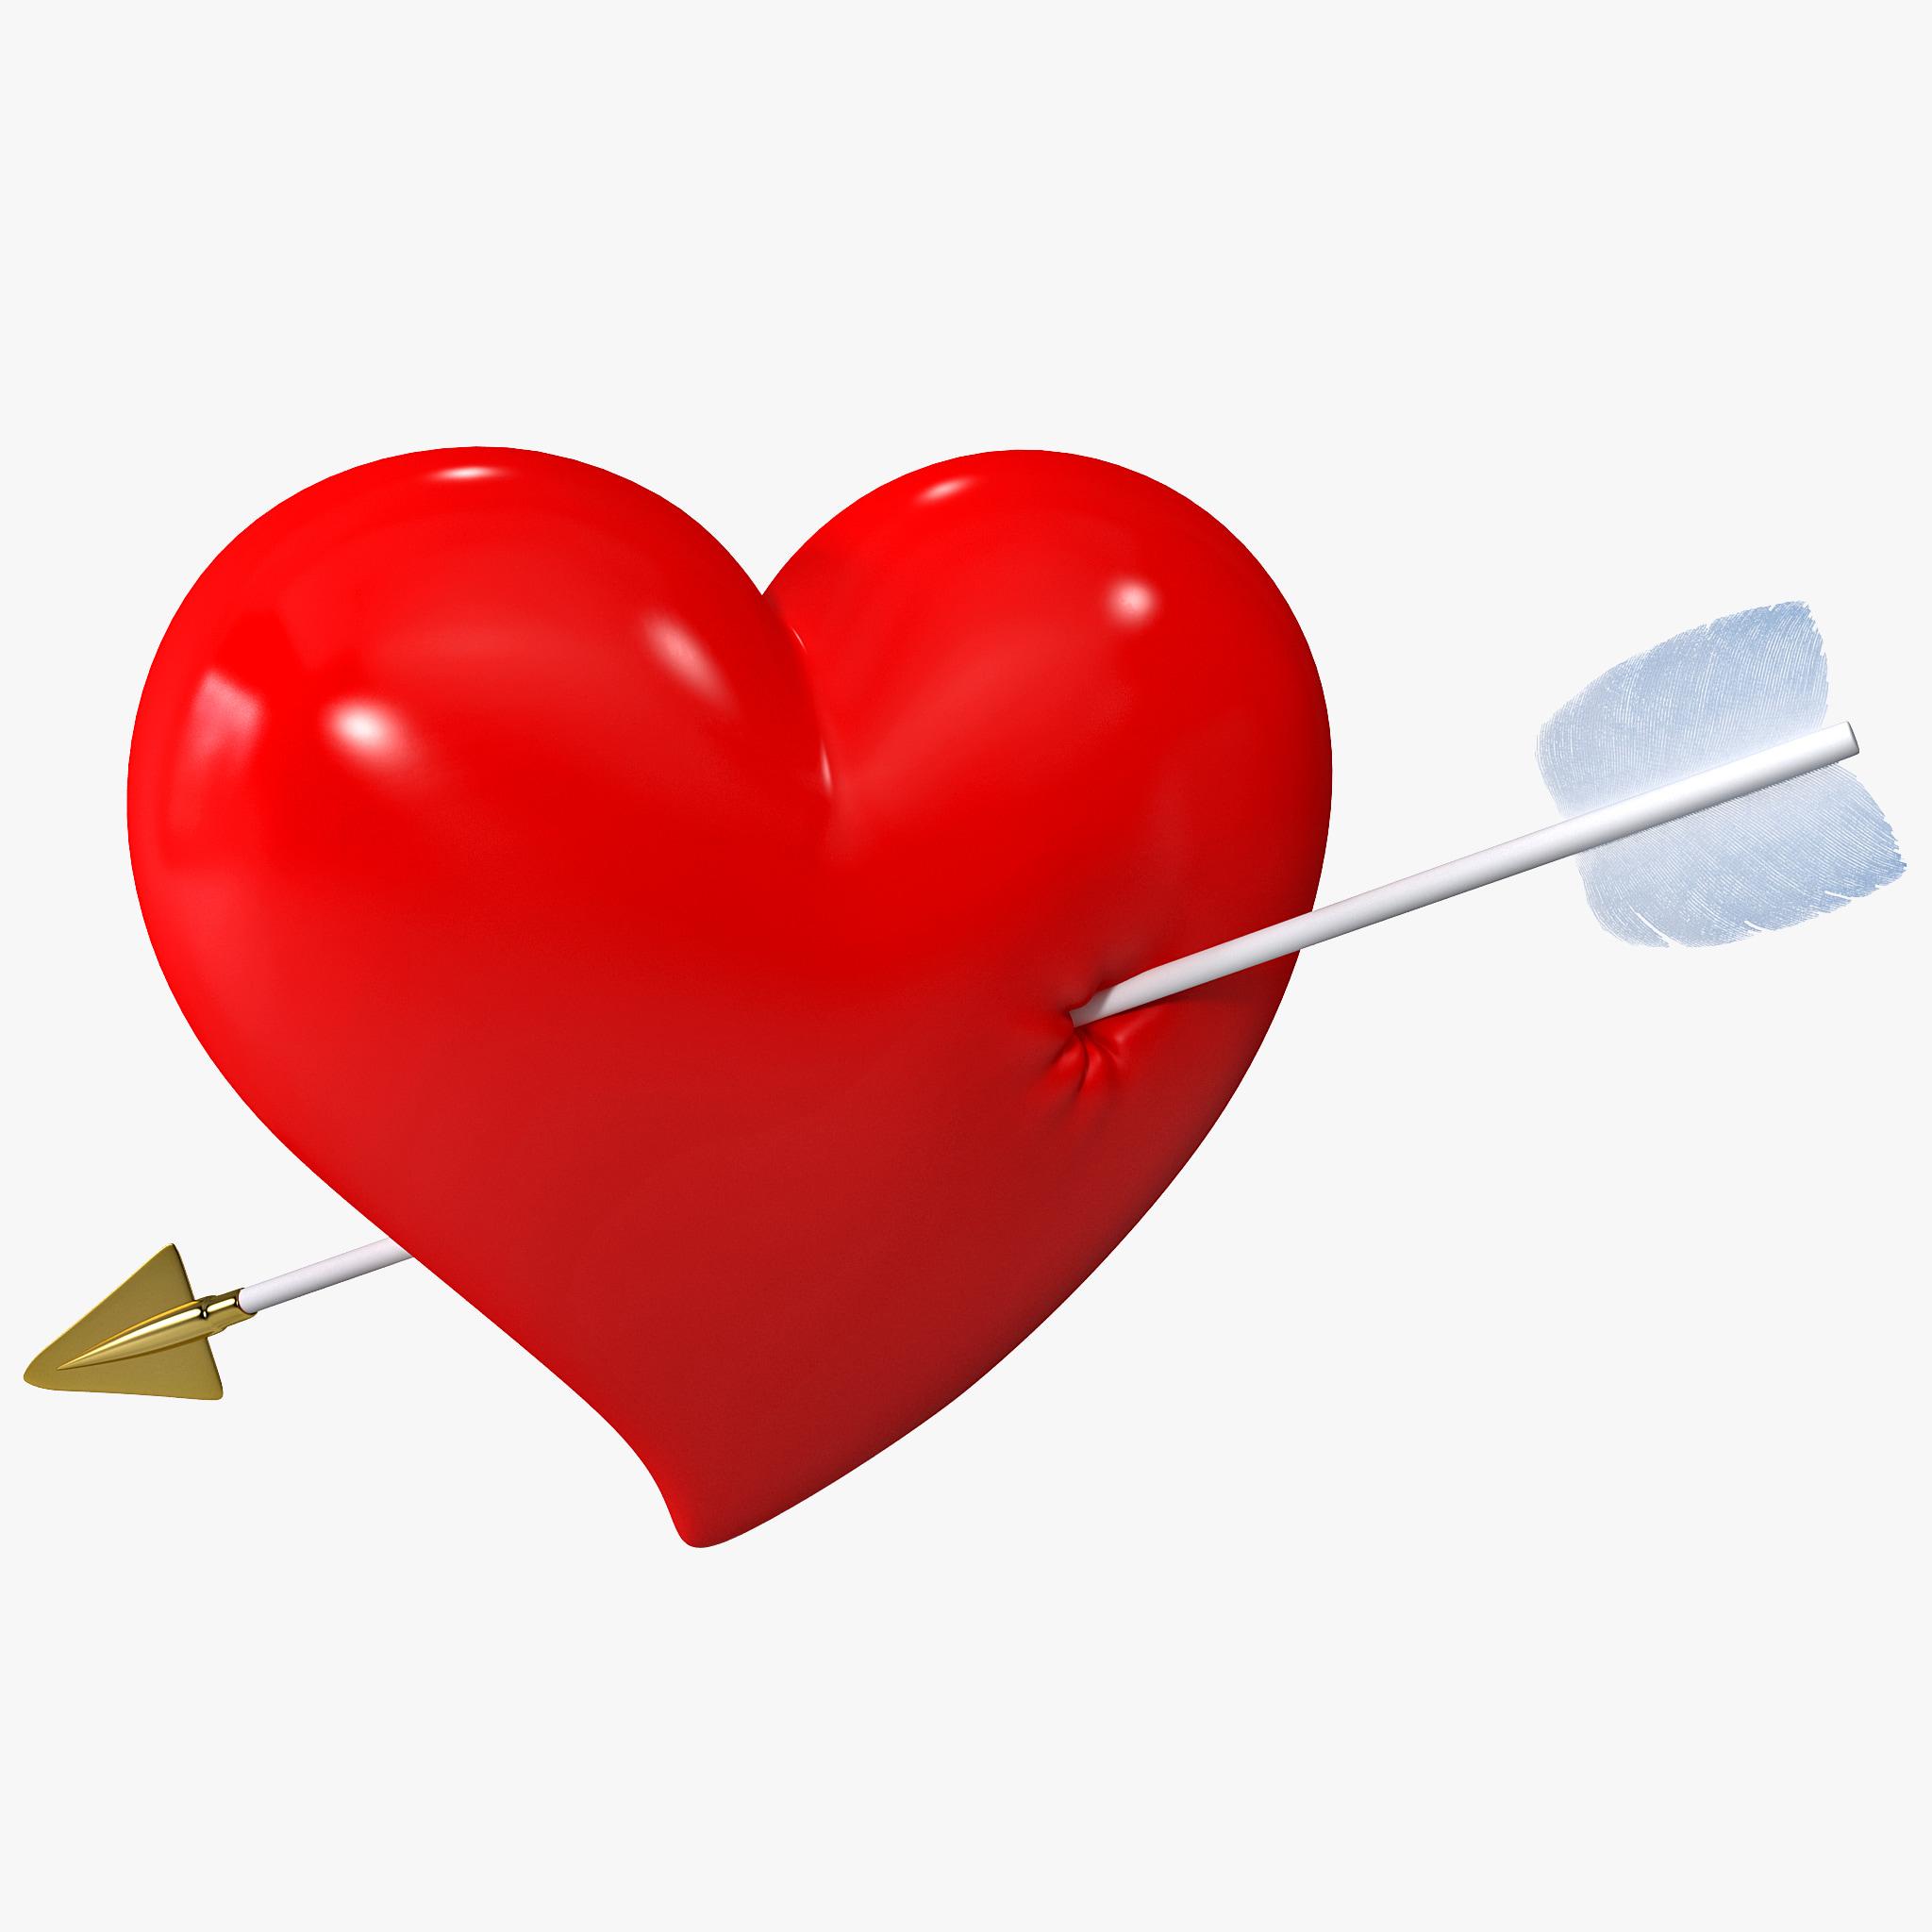 c4d heart arrow